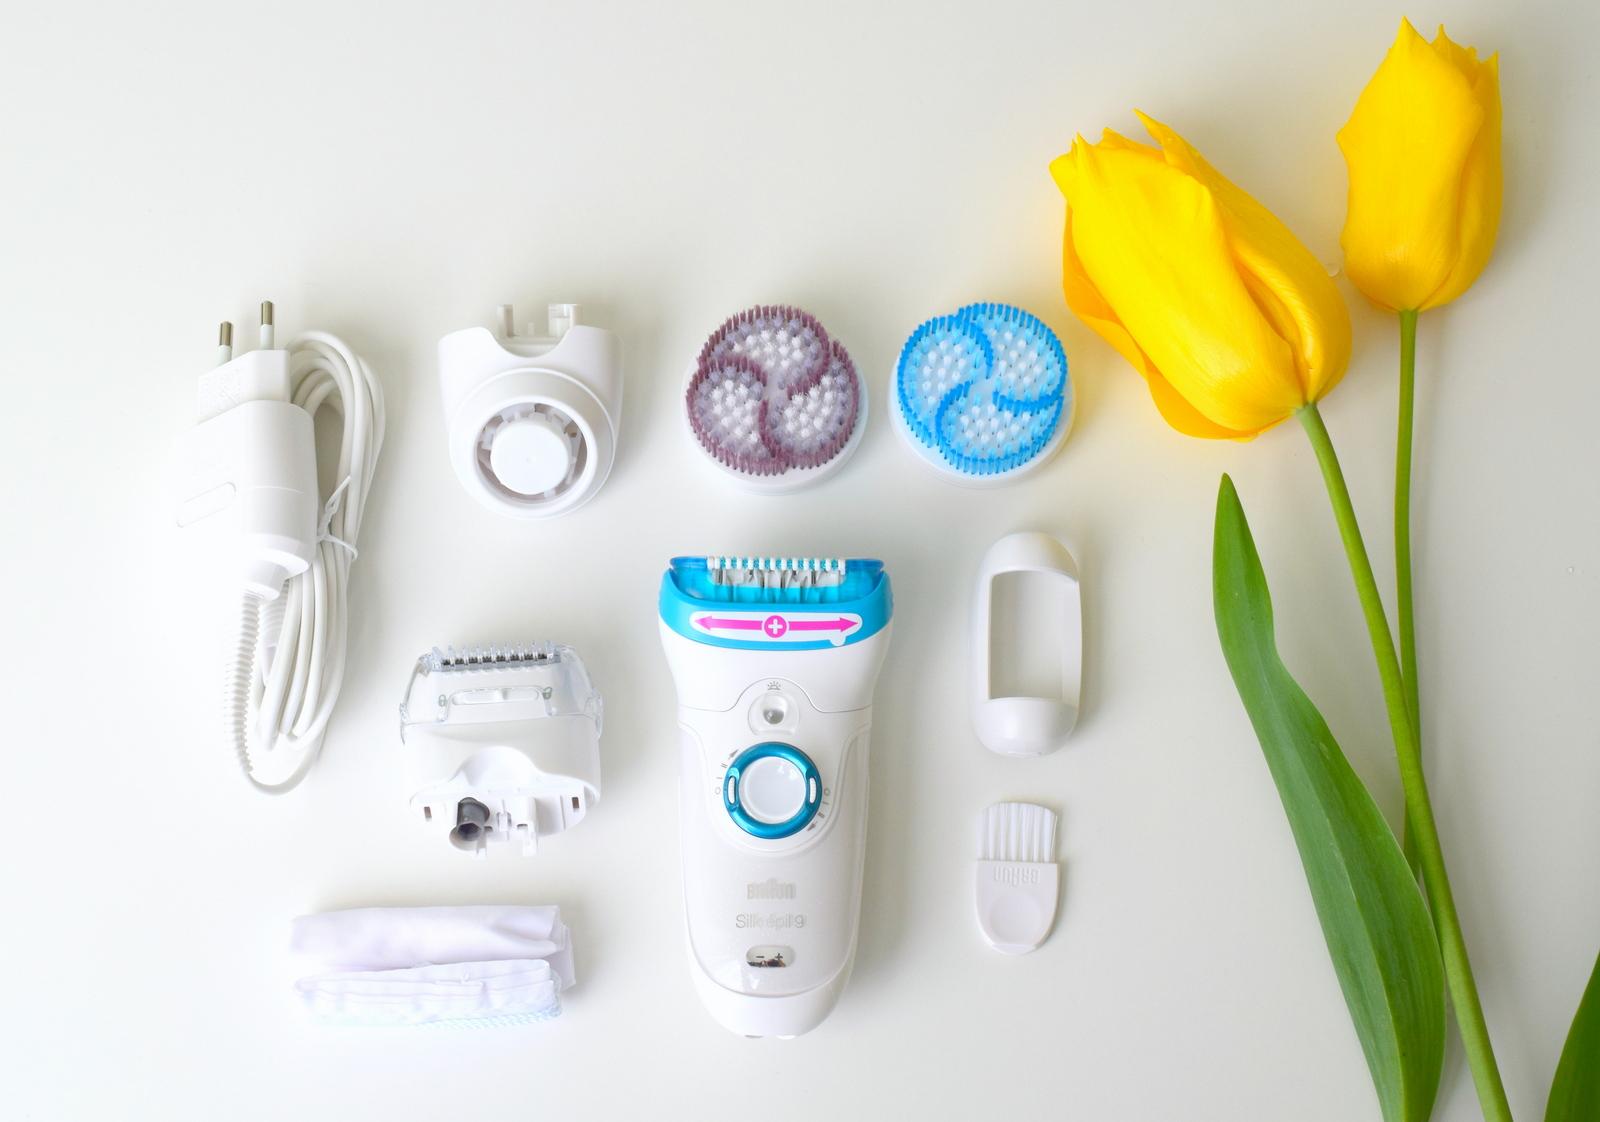 Zubehör Braun Silk Epil Epilierer SkinSpa Edition mit Peeling-Bürstenaufsatz